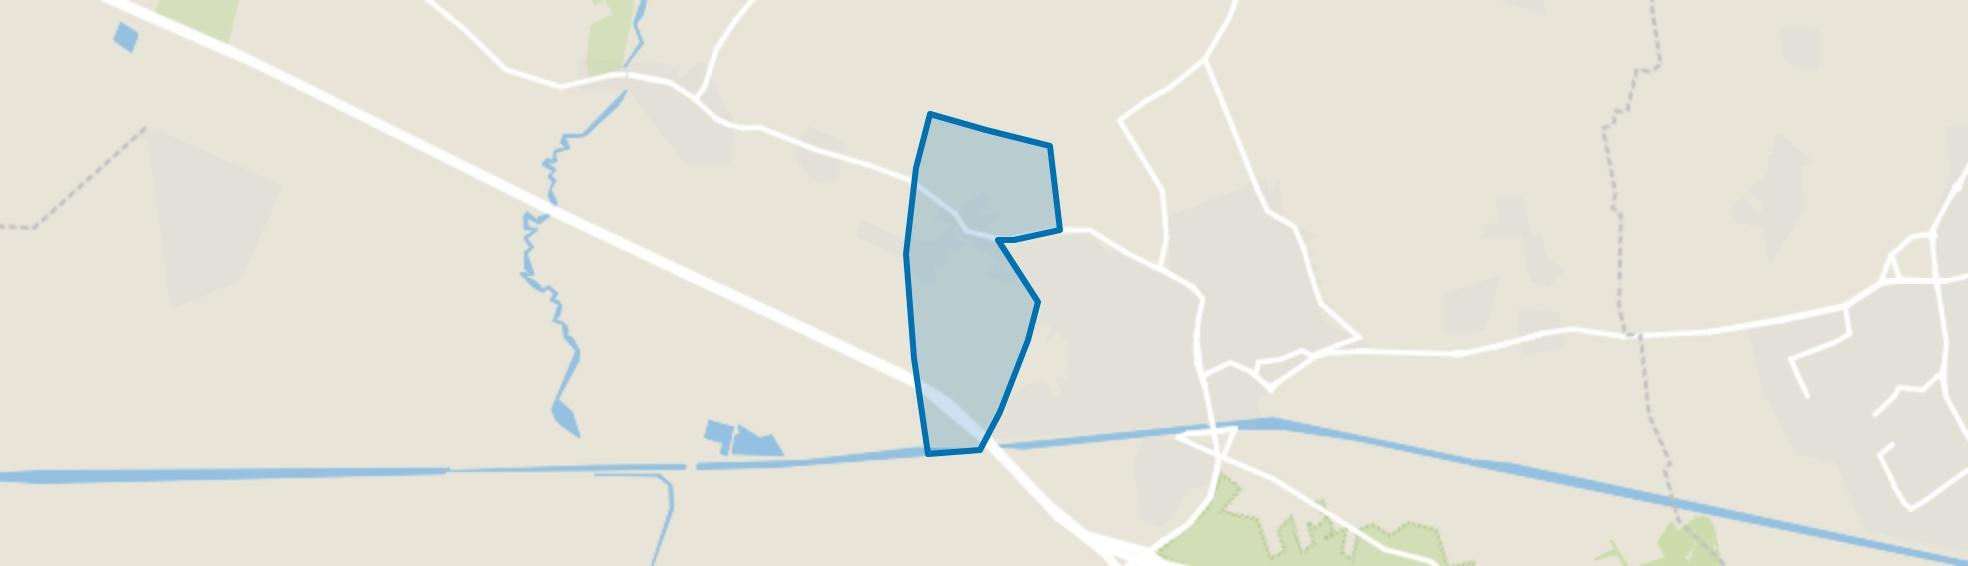 Oirschot Noordoost, Oirschot map